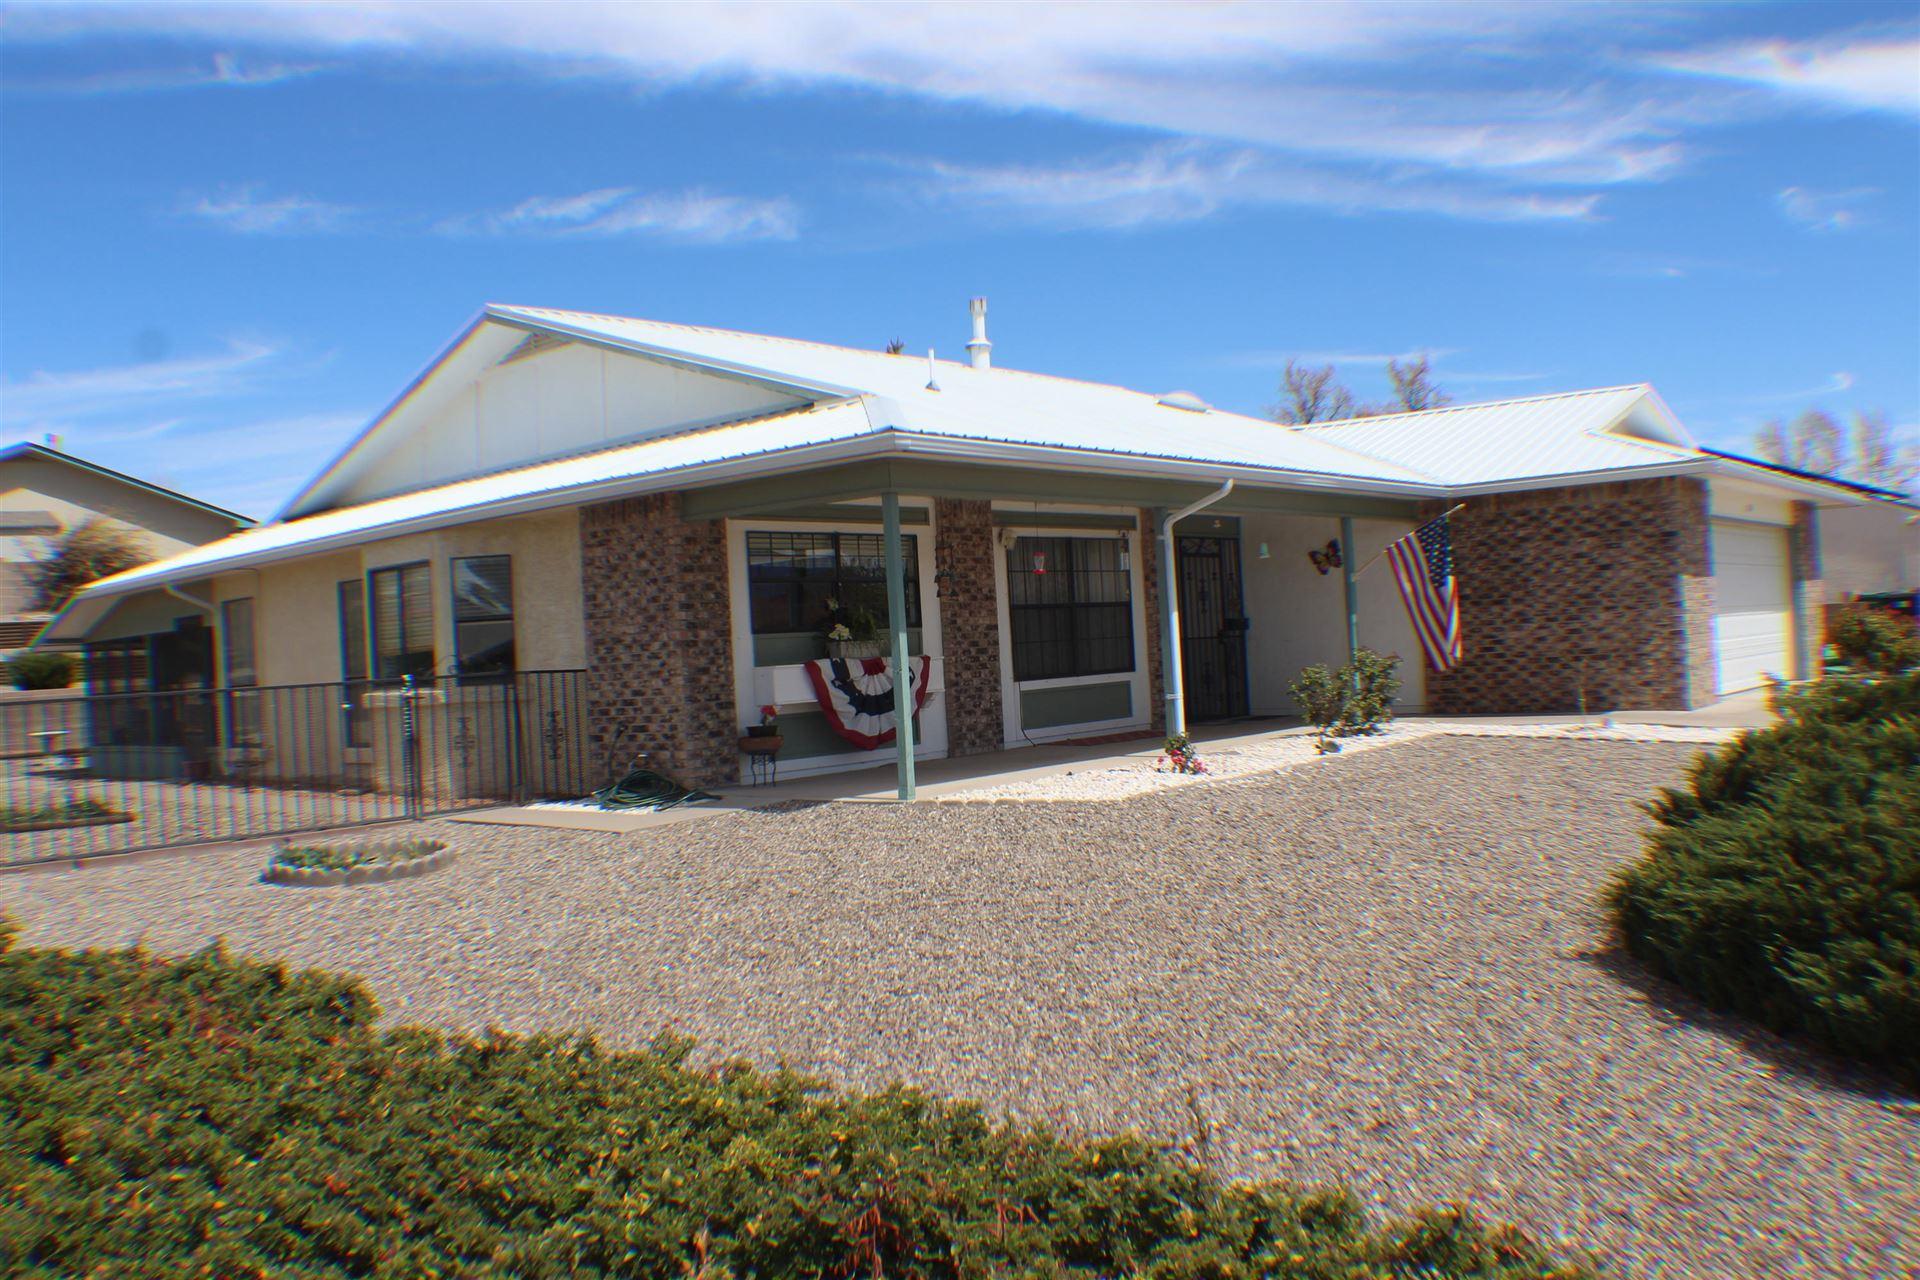 Photo of 601 EMERALD Drive NE, Rio Rancho, NM 87124 (MLS # 989920)